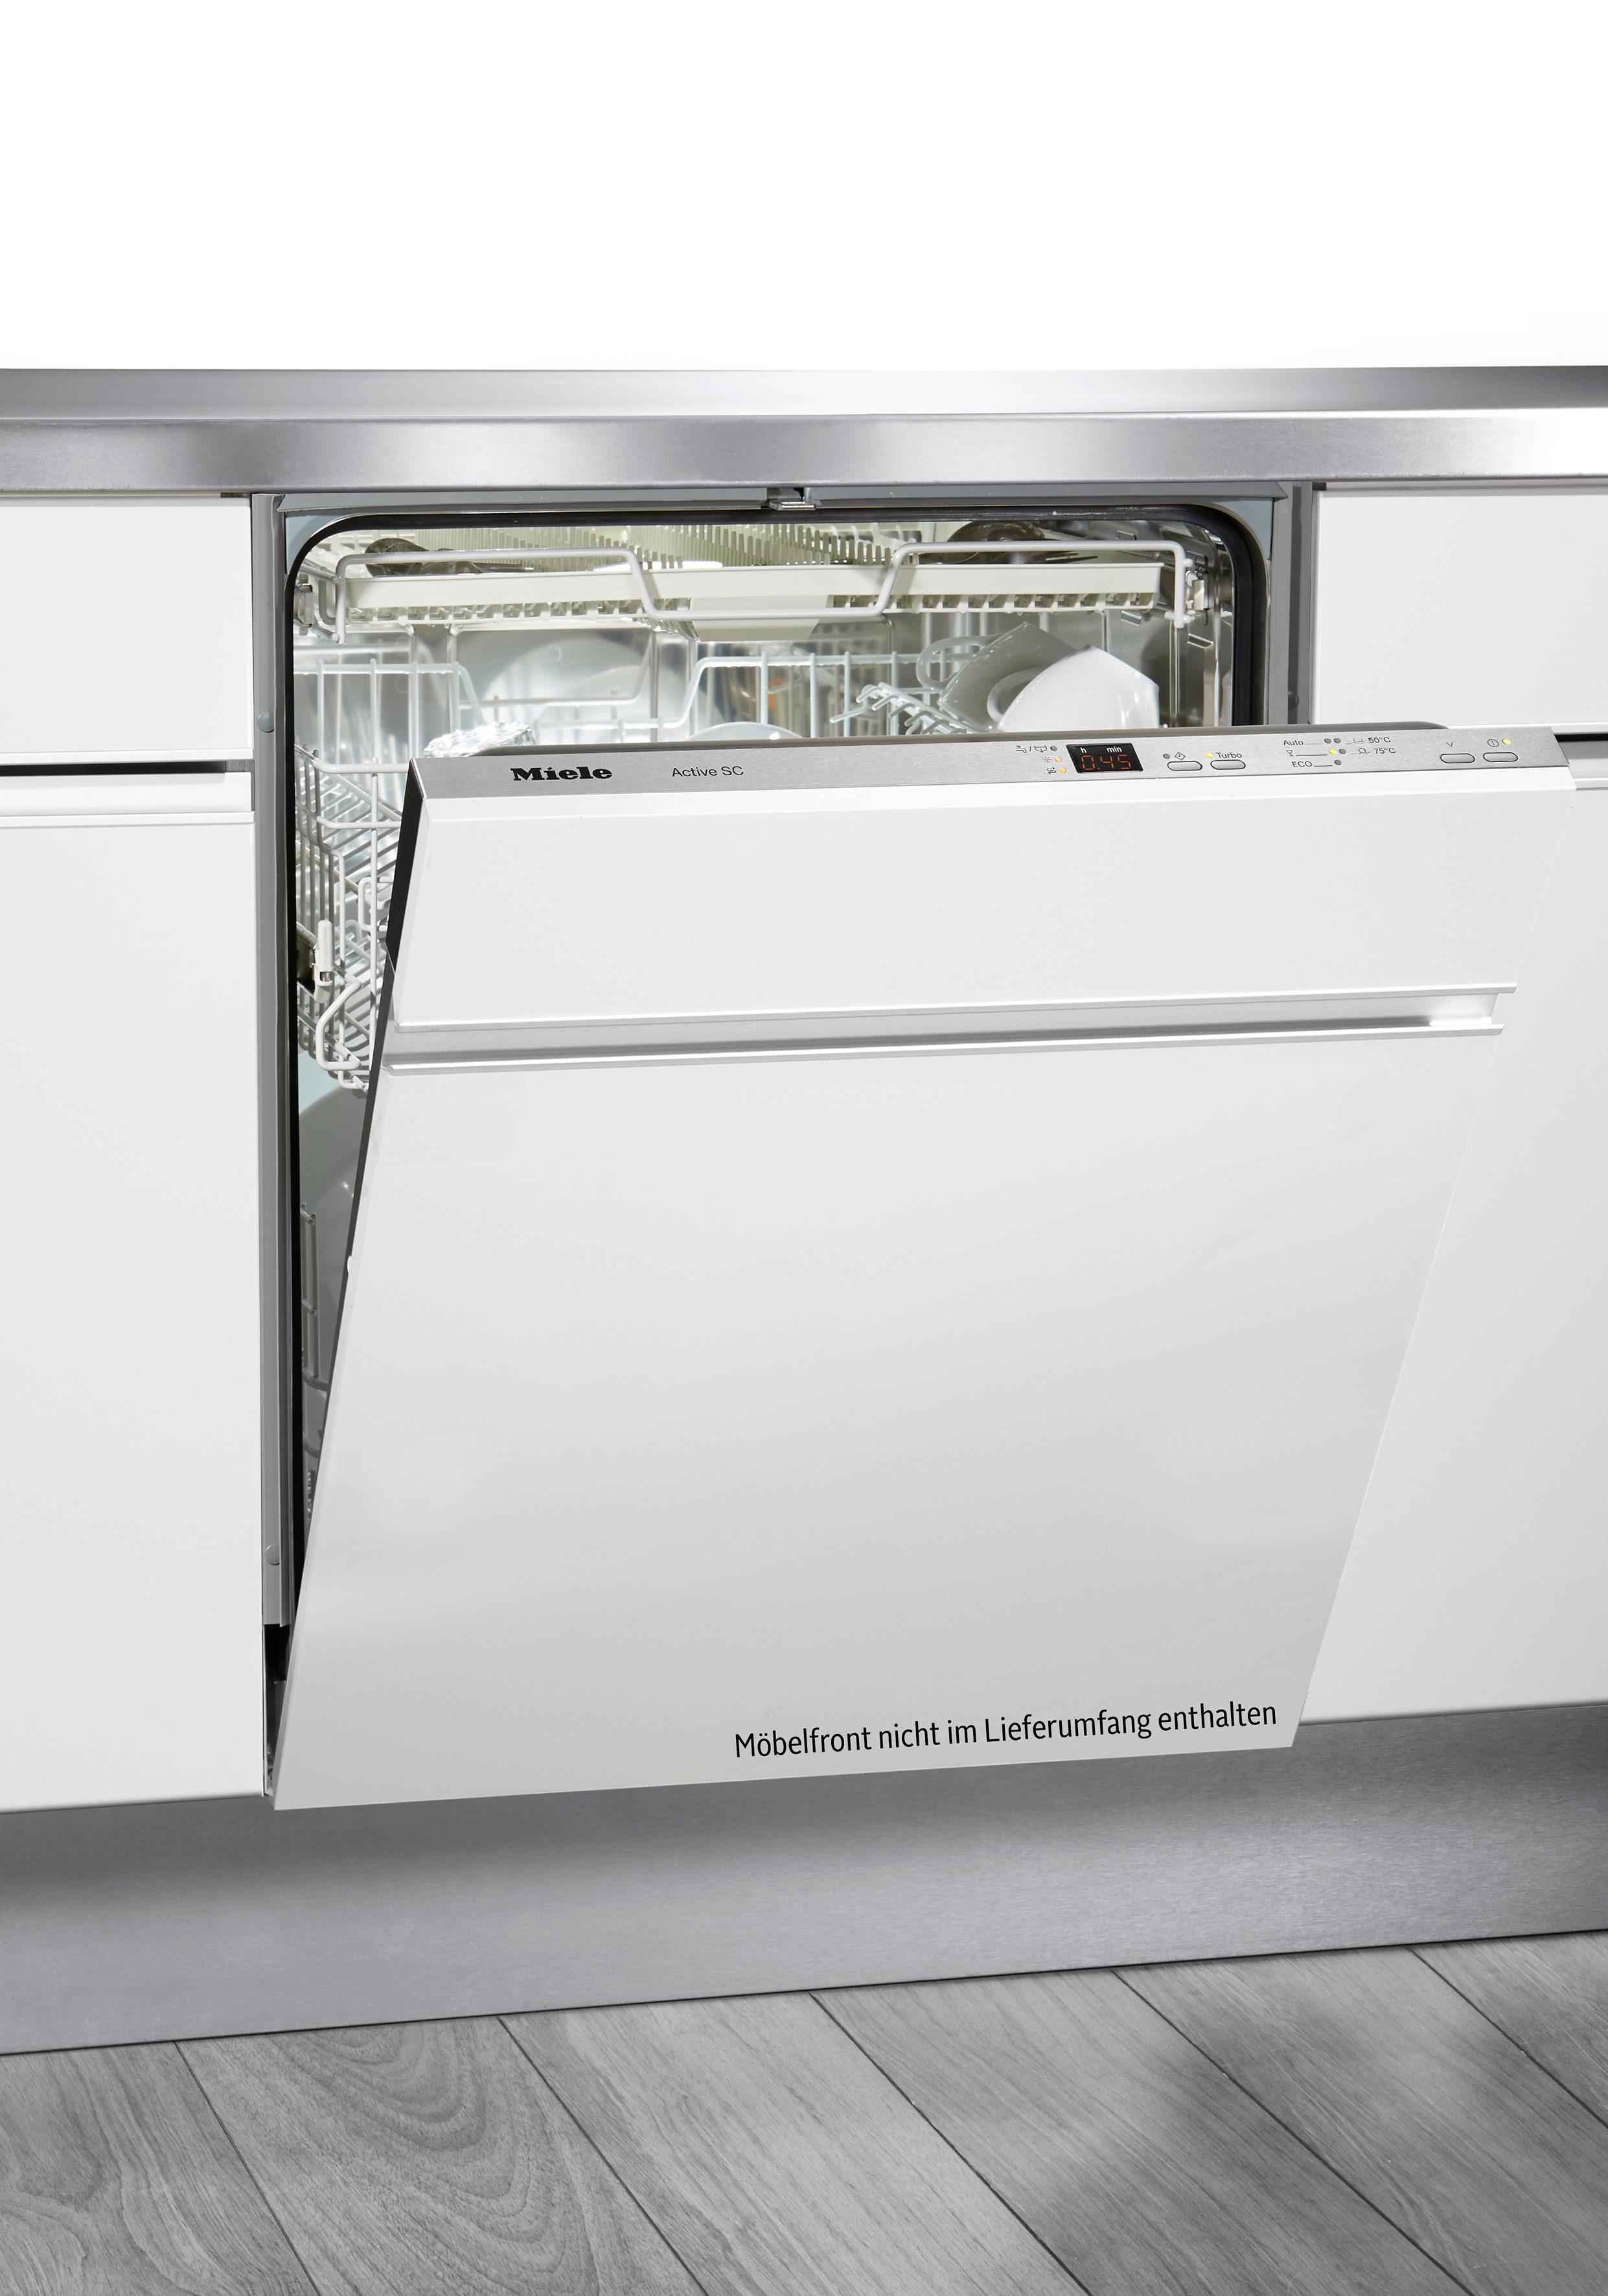 Miele Vollintegrierbarer Einbau-Geschirrspüler G 4268 SCVI XXL Active, A+, 13,5 Liter, 14 Maßgedecke